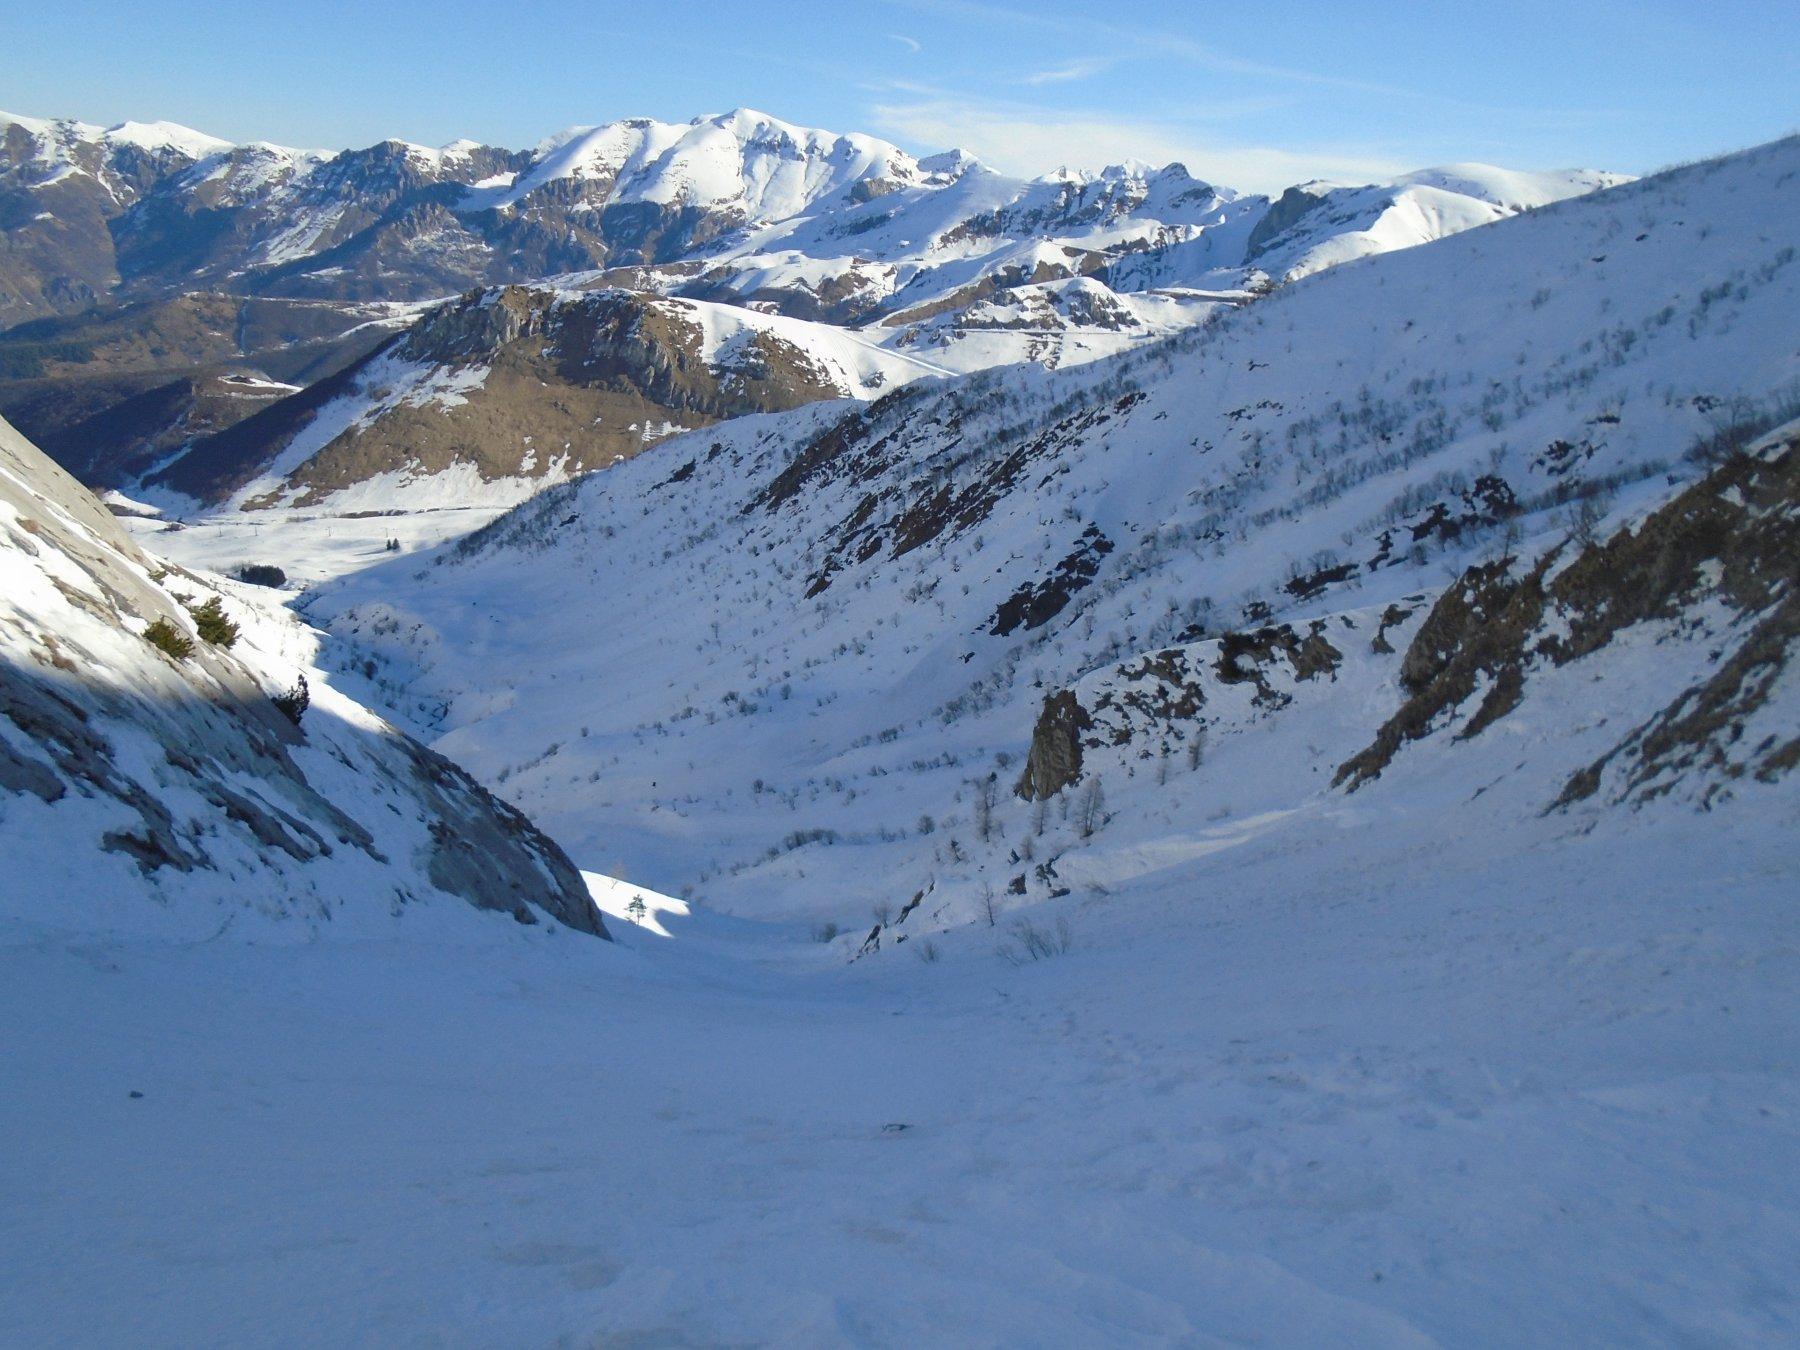 Tutto il vallone:la pista e' al fondo al sole,a dx la cresta che scende dal Forte Pernante